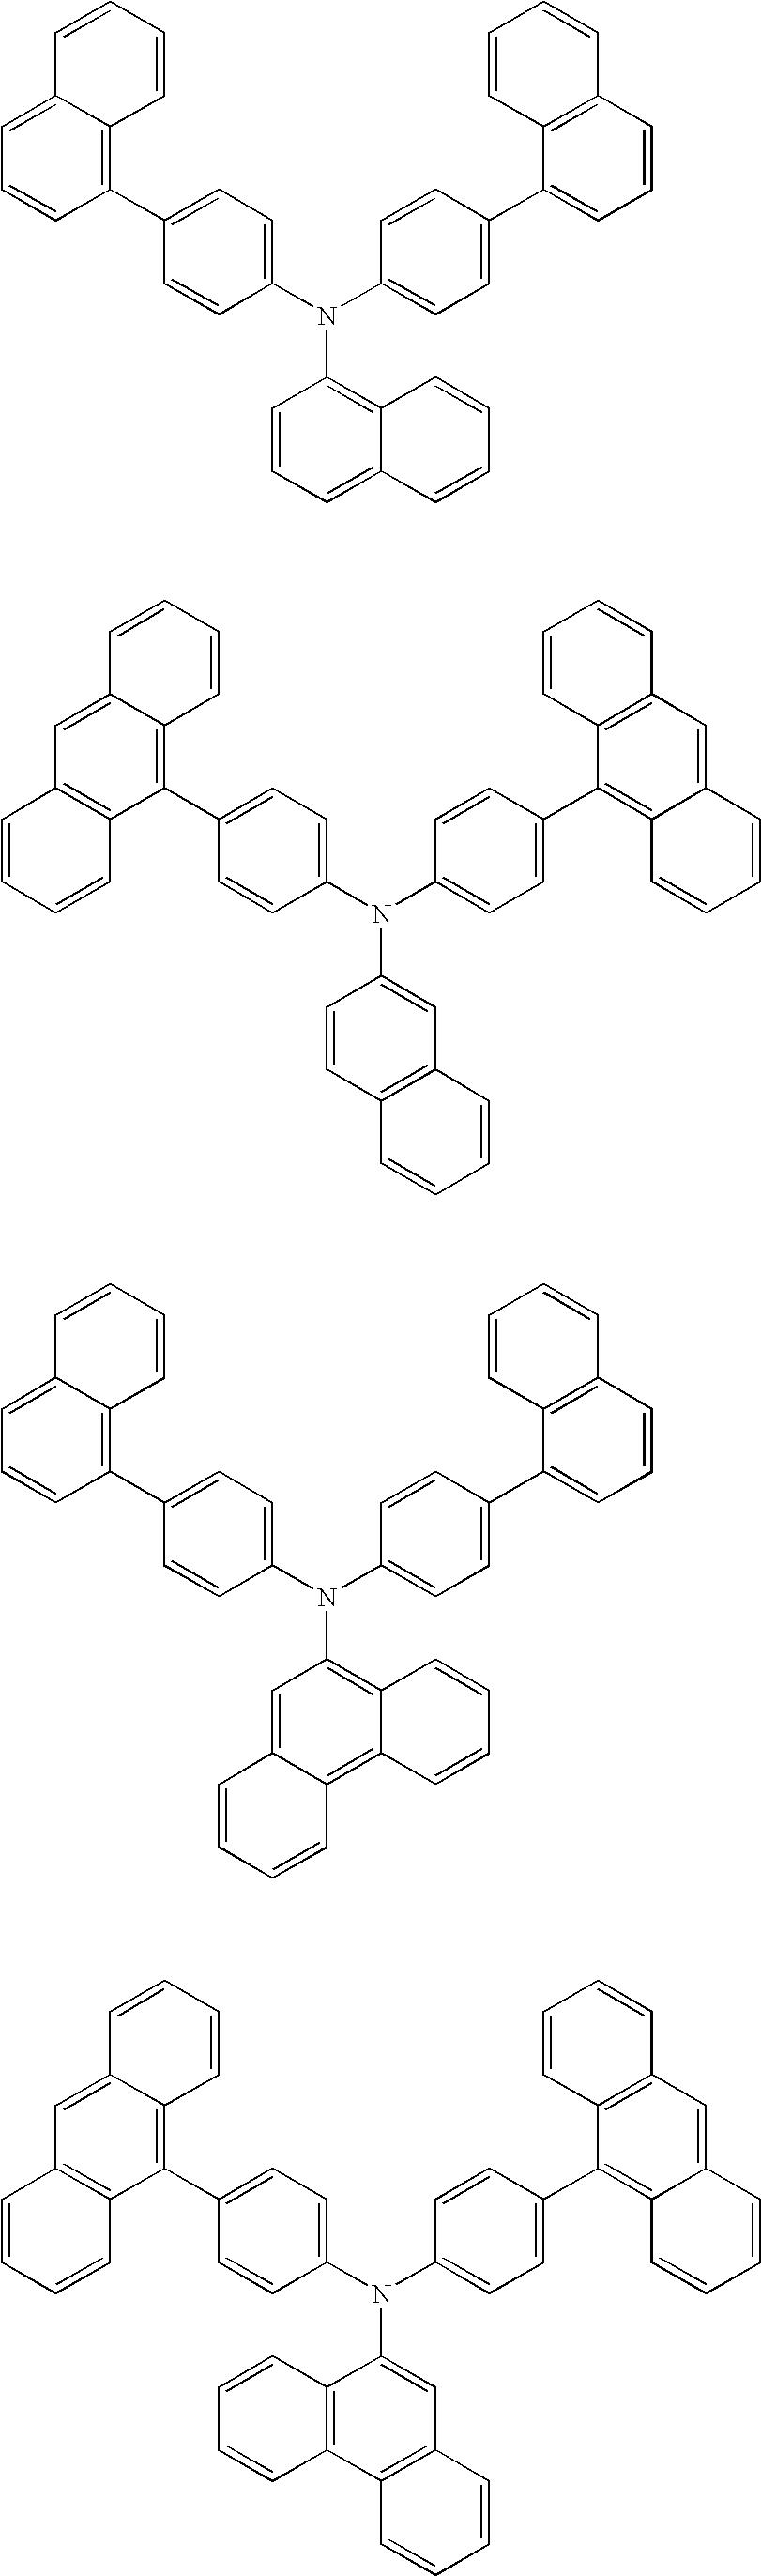 Figure US08154195-20120410-C00680